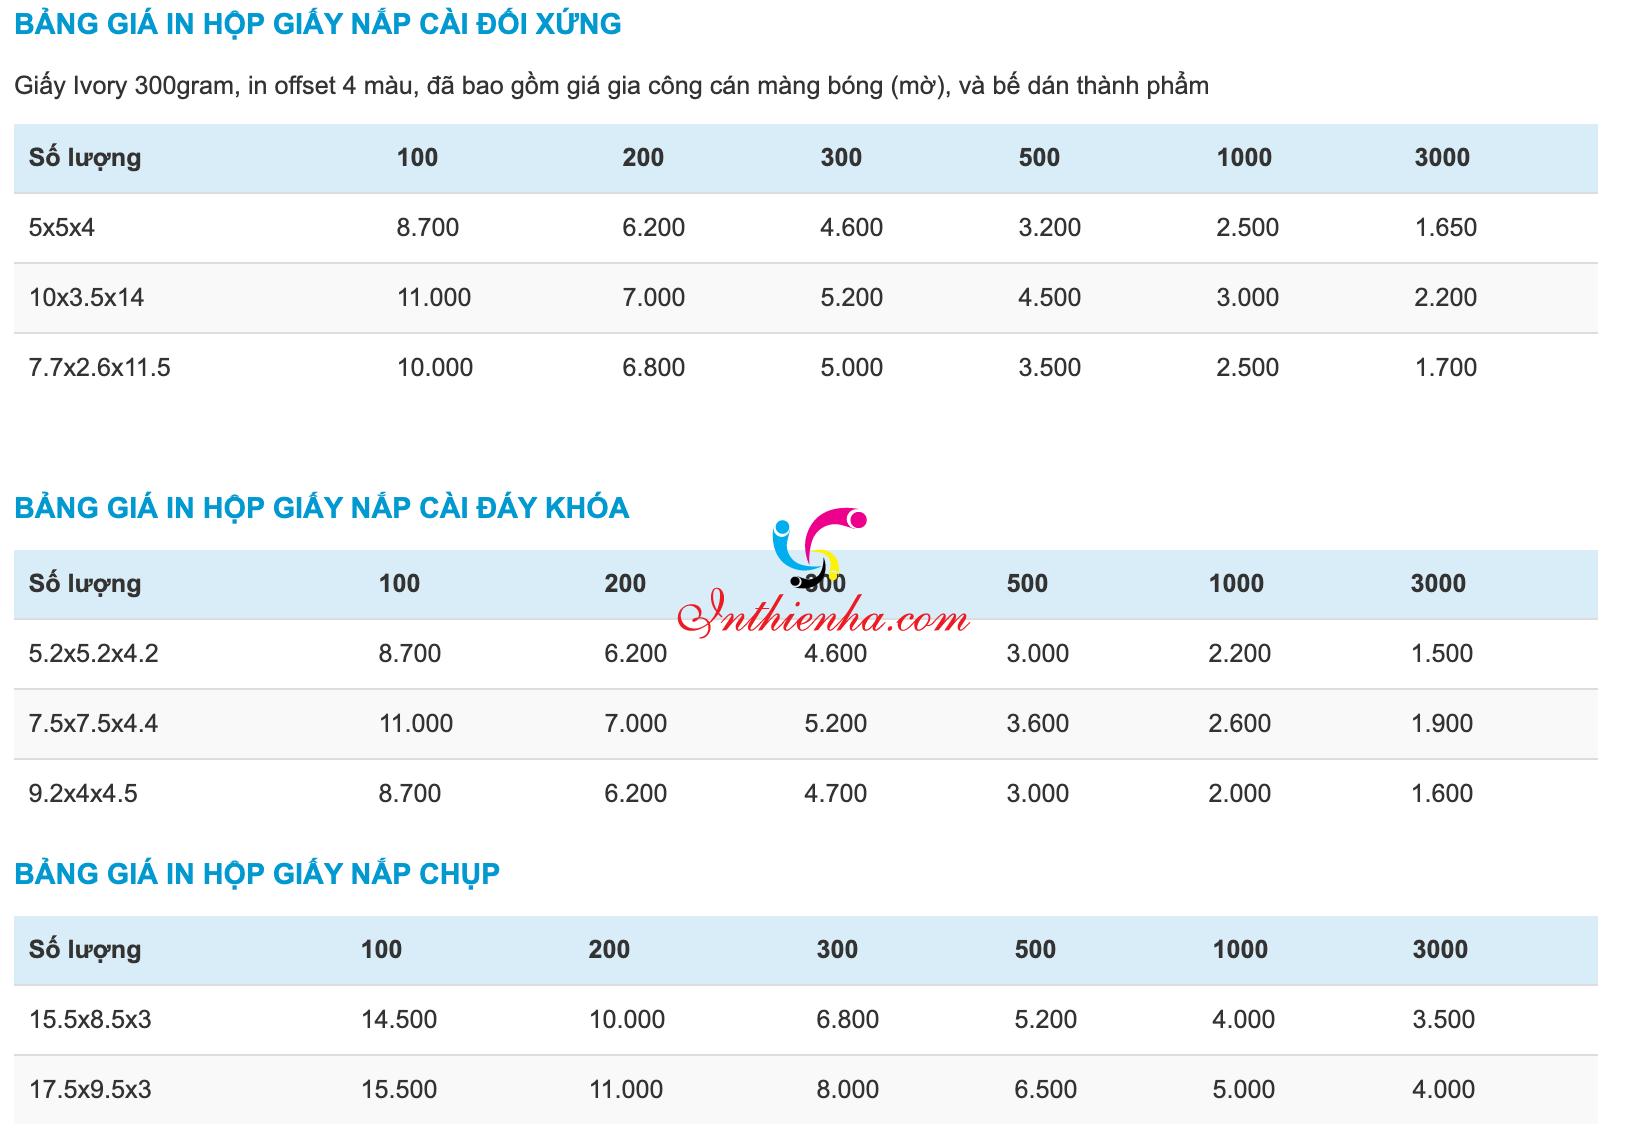 Bảng báo giá in hộp giấy 2020 tại Thiên Hà